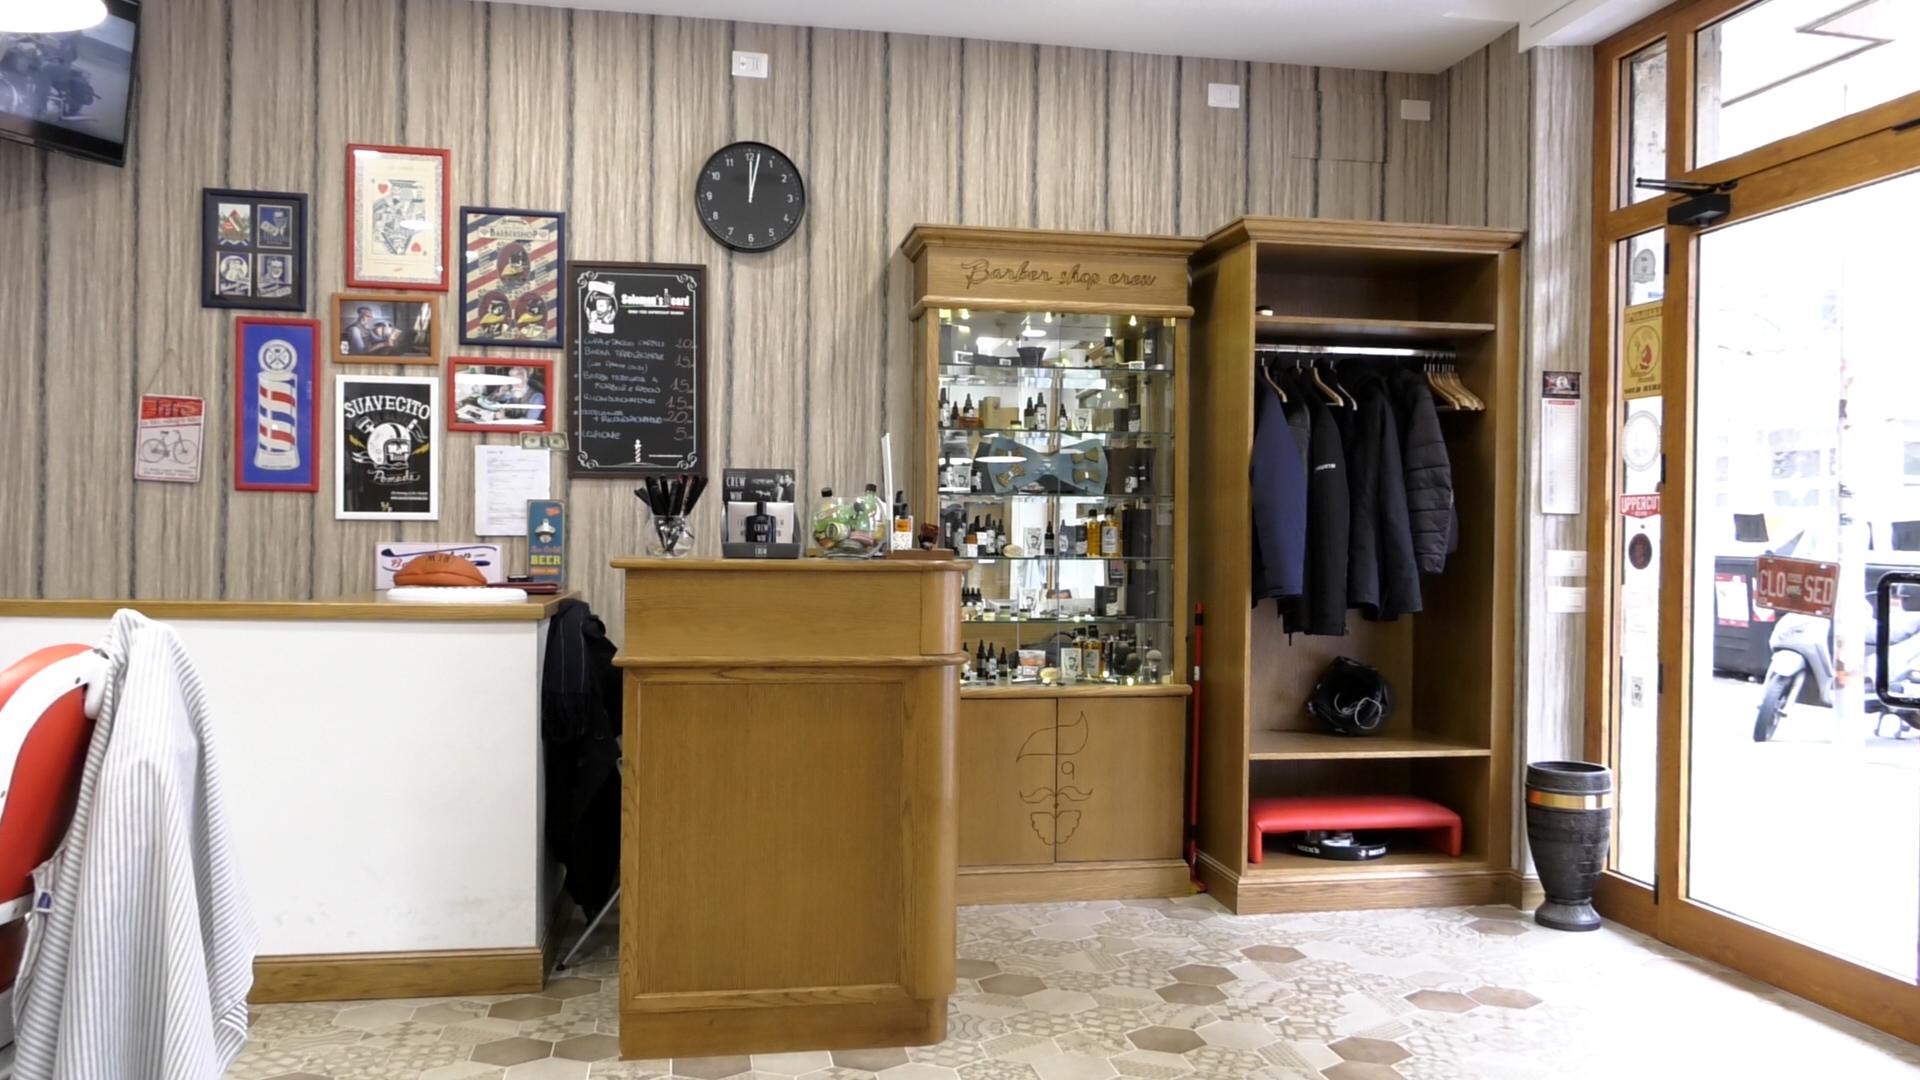 Appendiabiti Da Ingresso Chiuso arredamento barber shop : sedute e appendiabiti | wood design